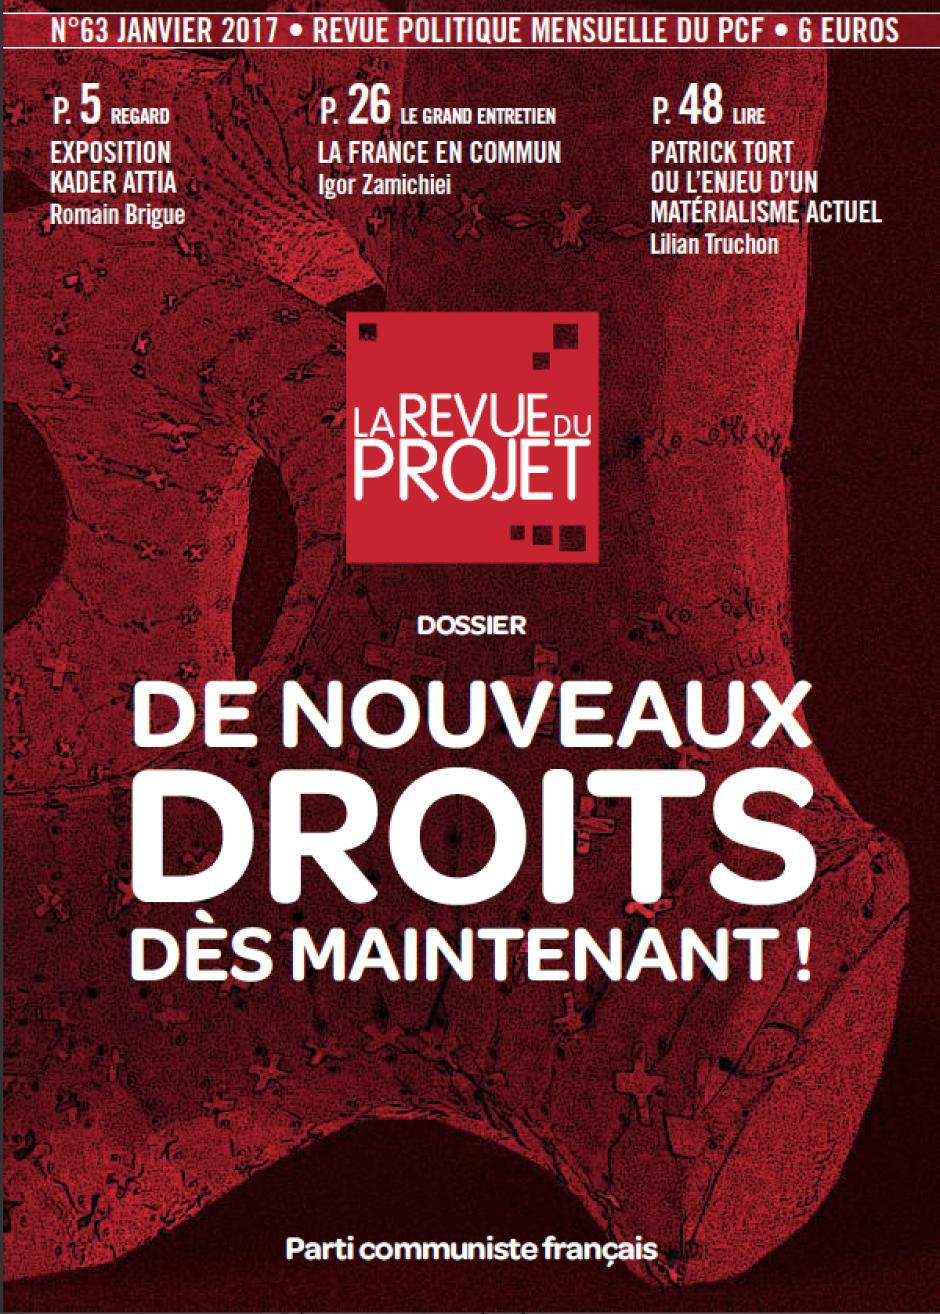 Droits nouveaux et modernité,  Camille Ducrot et Victor Blanc*